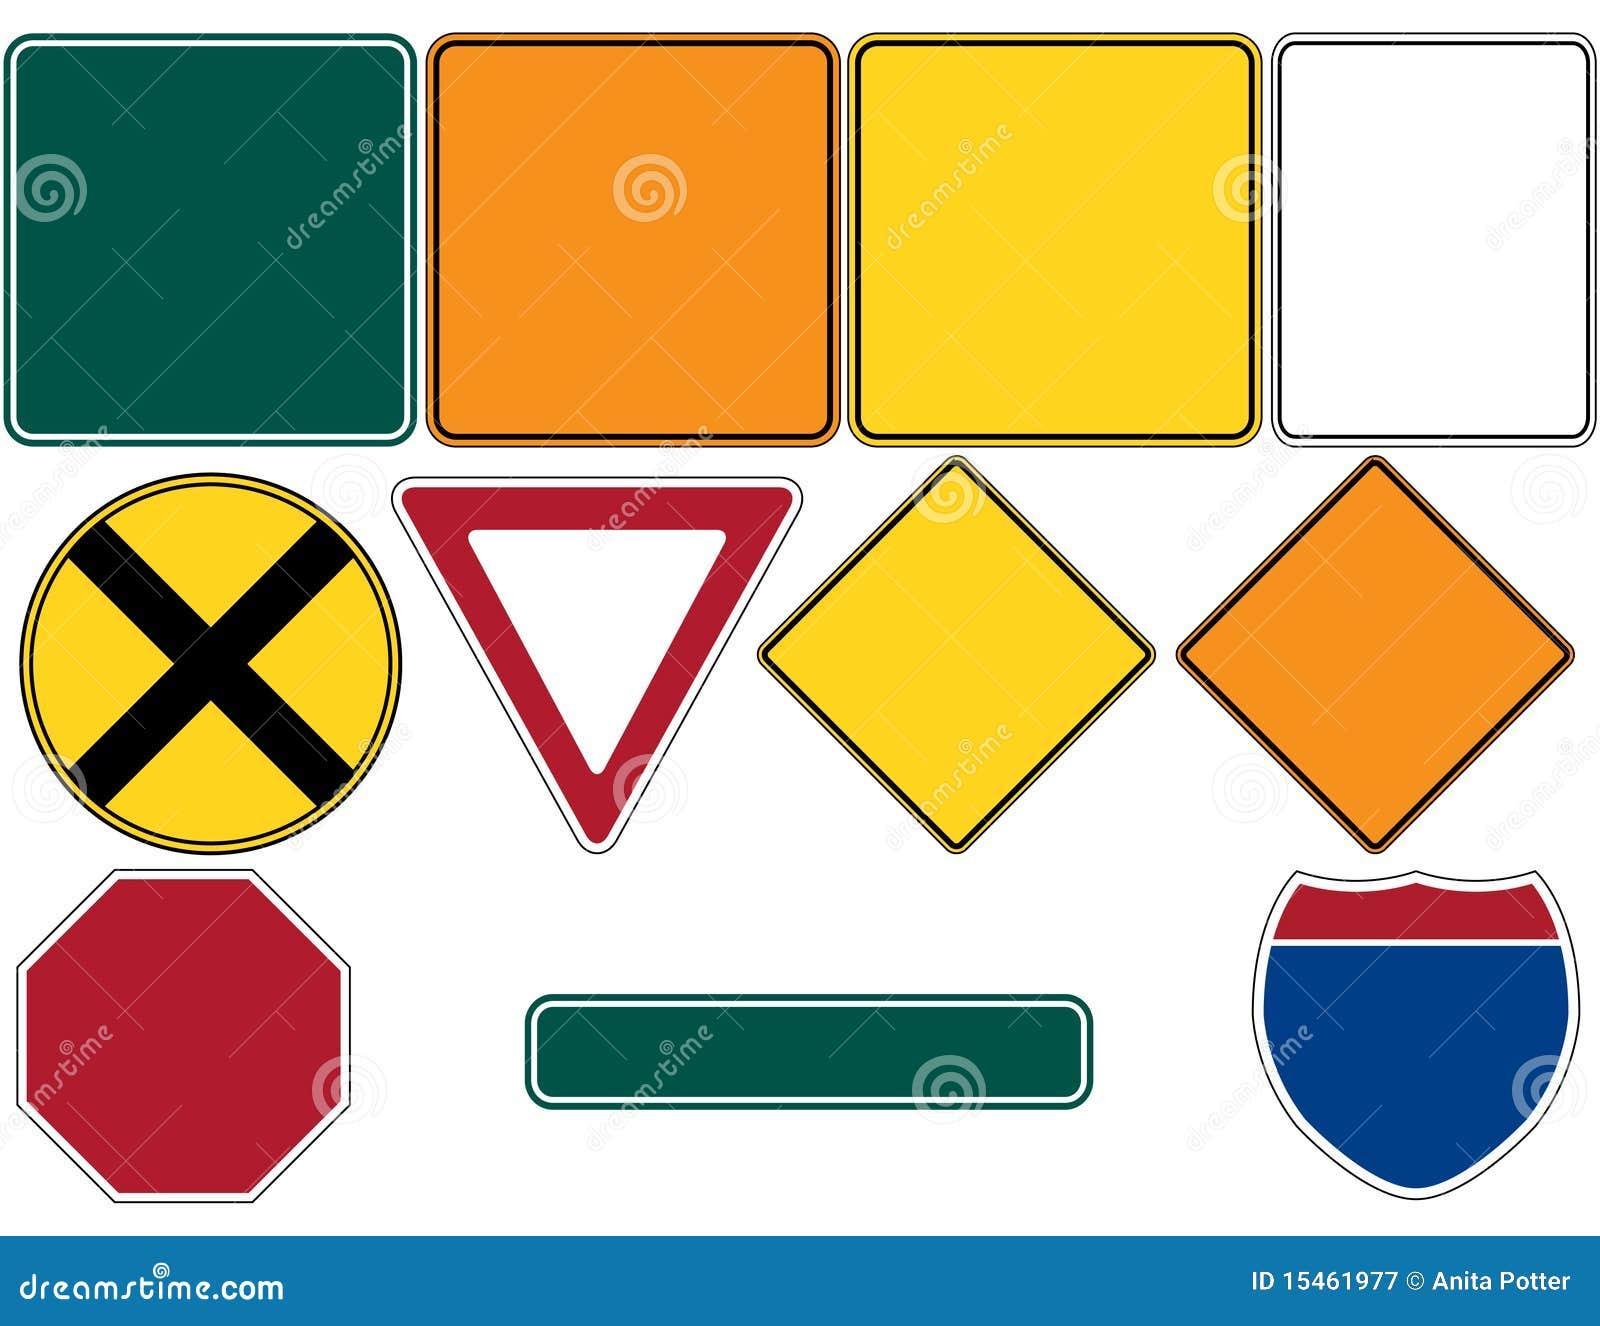 1条路集合符号